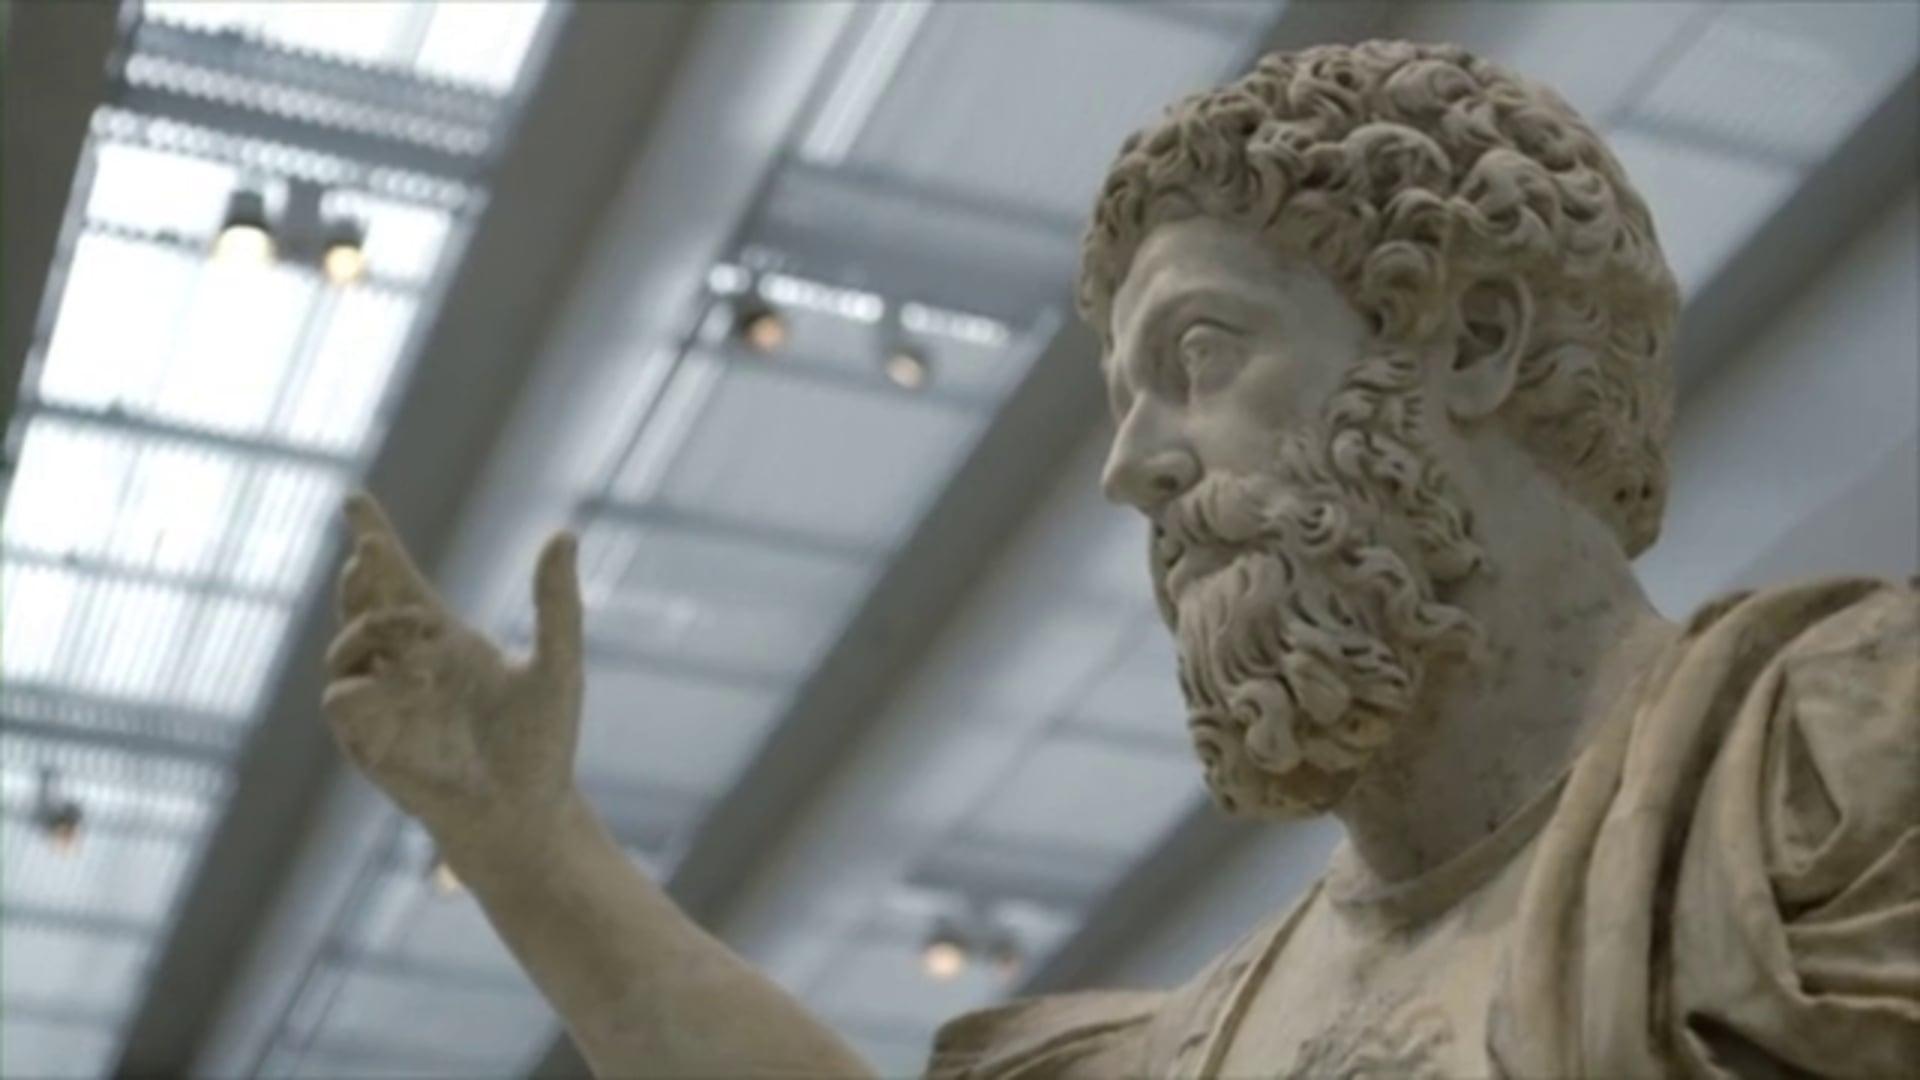 ERCO Documentary: Louvre Lens - Lighting